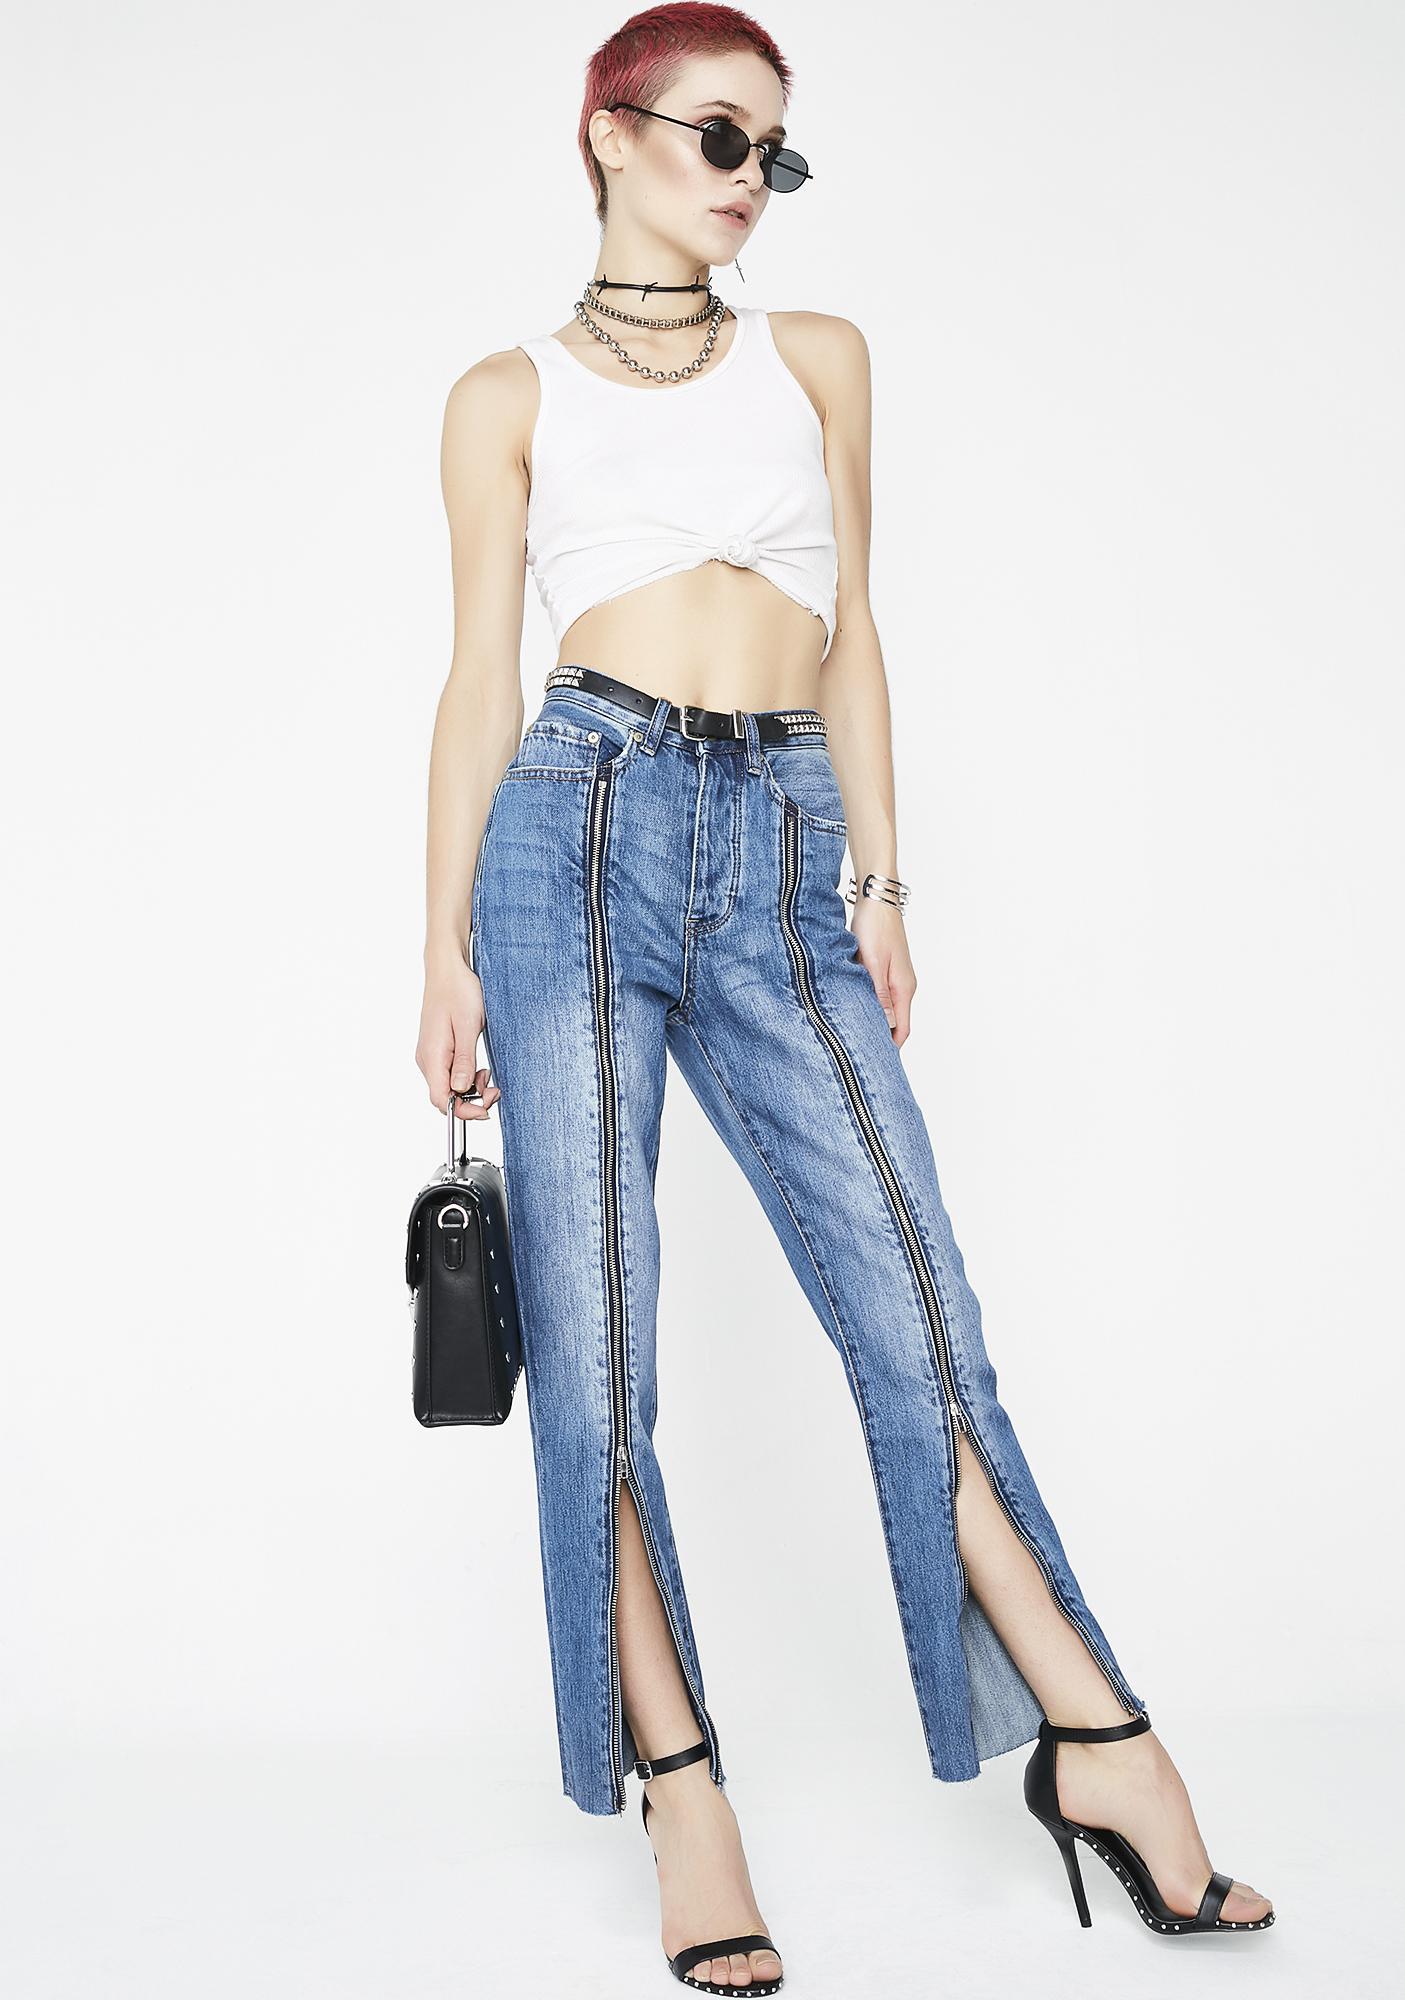 Neon Blonde Siren Zipped Jeans